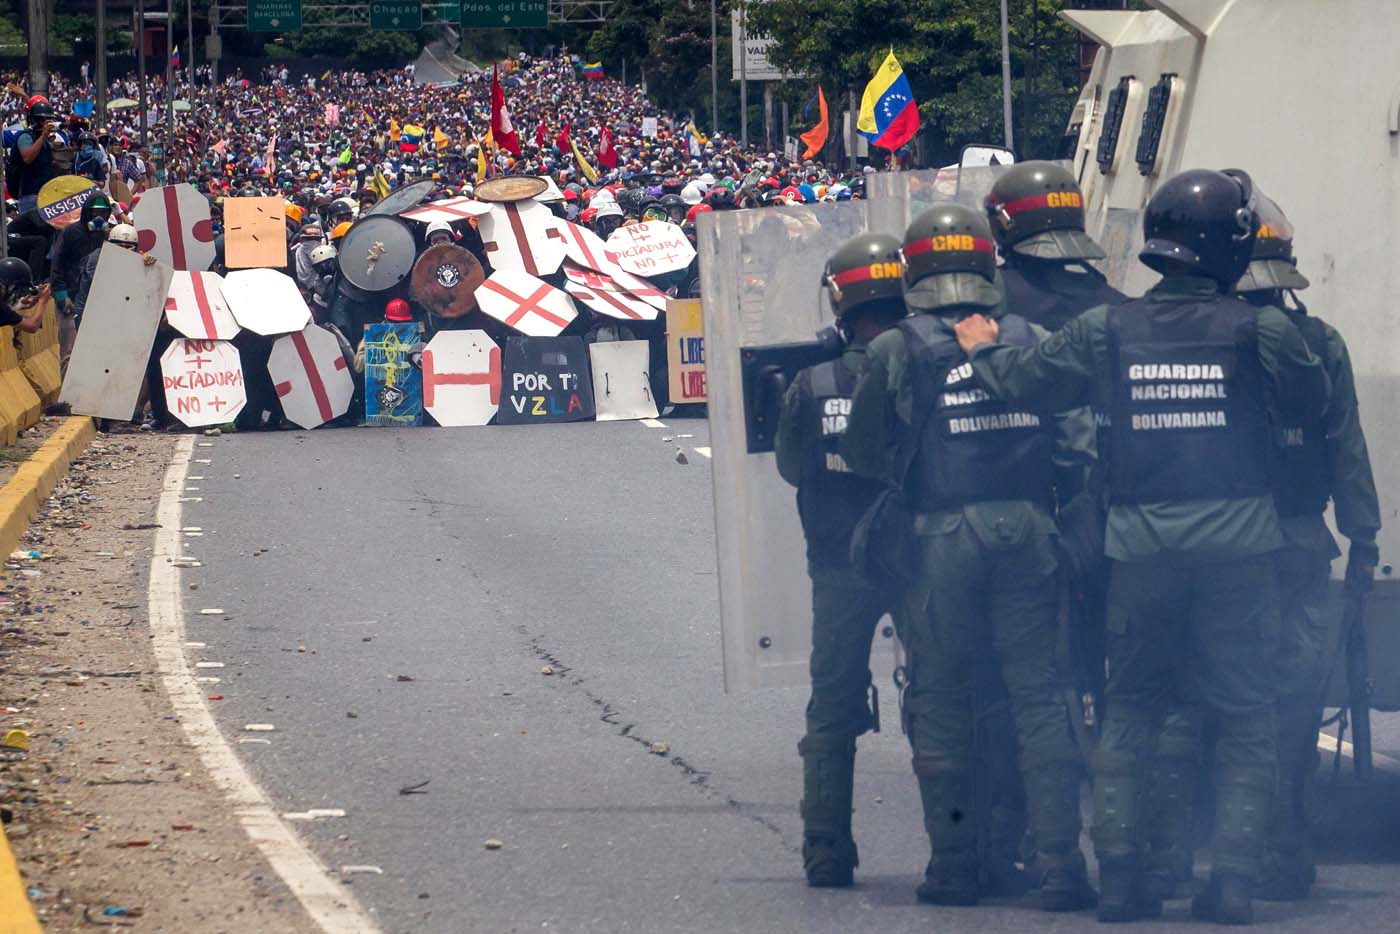 CAR015. CARACAS (VENEZUELA), 03/05/2017 - Miembros de la Guardia Nacional se enfrentan a un grupo de manifestantes hoy, miércoles 3 de mayo de 2017, en Caracas (Venezuela). La Guardia Nacional Bolivariana (GNB, policía militarizada) de Venezuela dispersó hoy con gases lacrimógenos una movilización opositora en el este de Caracas que pretendía llegar hasta la sede de la Asamblea Nacional (AN, Parlamento), ubicada en el centro de la capital. EFE/MIGUEL GUTIERREZ